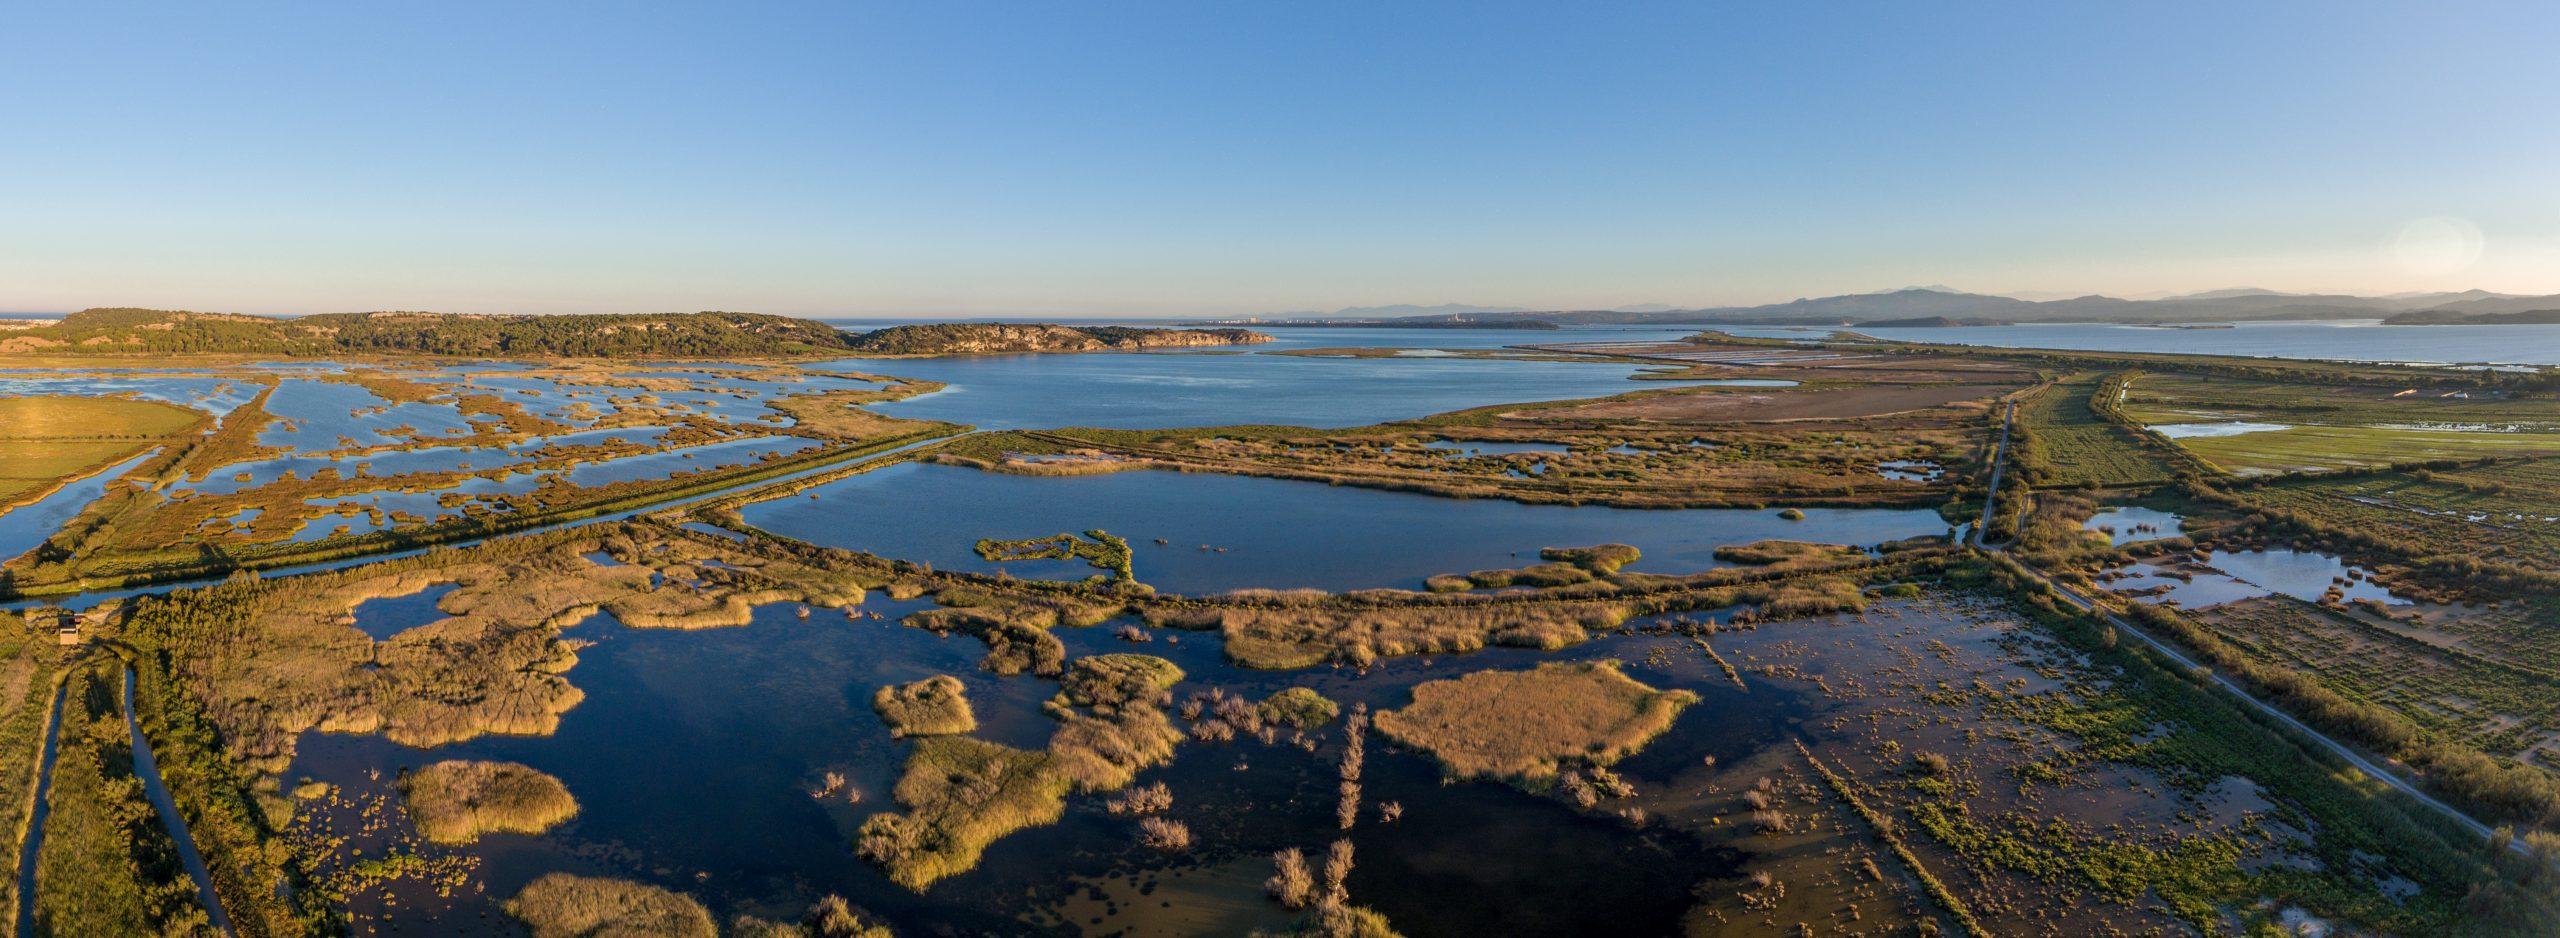 gruissan et ses étangs